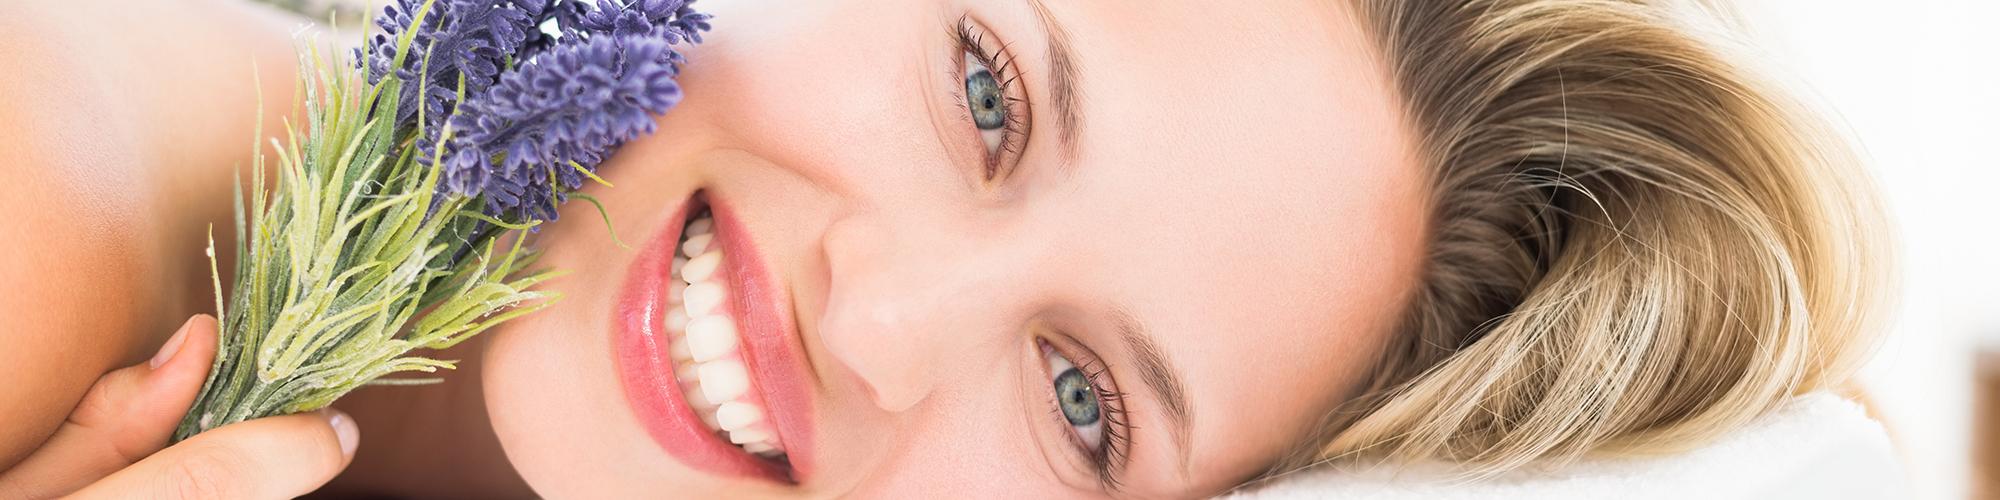 womans-face-073016-1